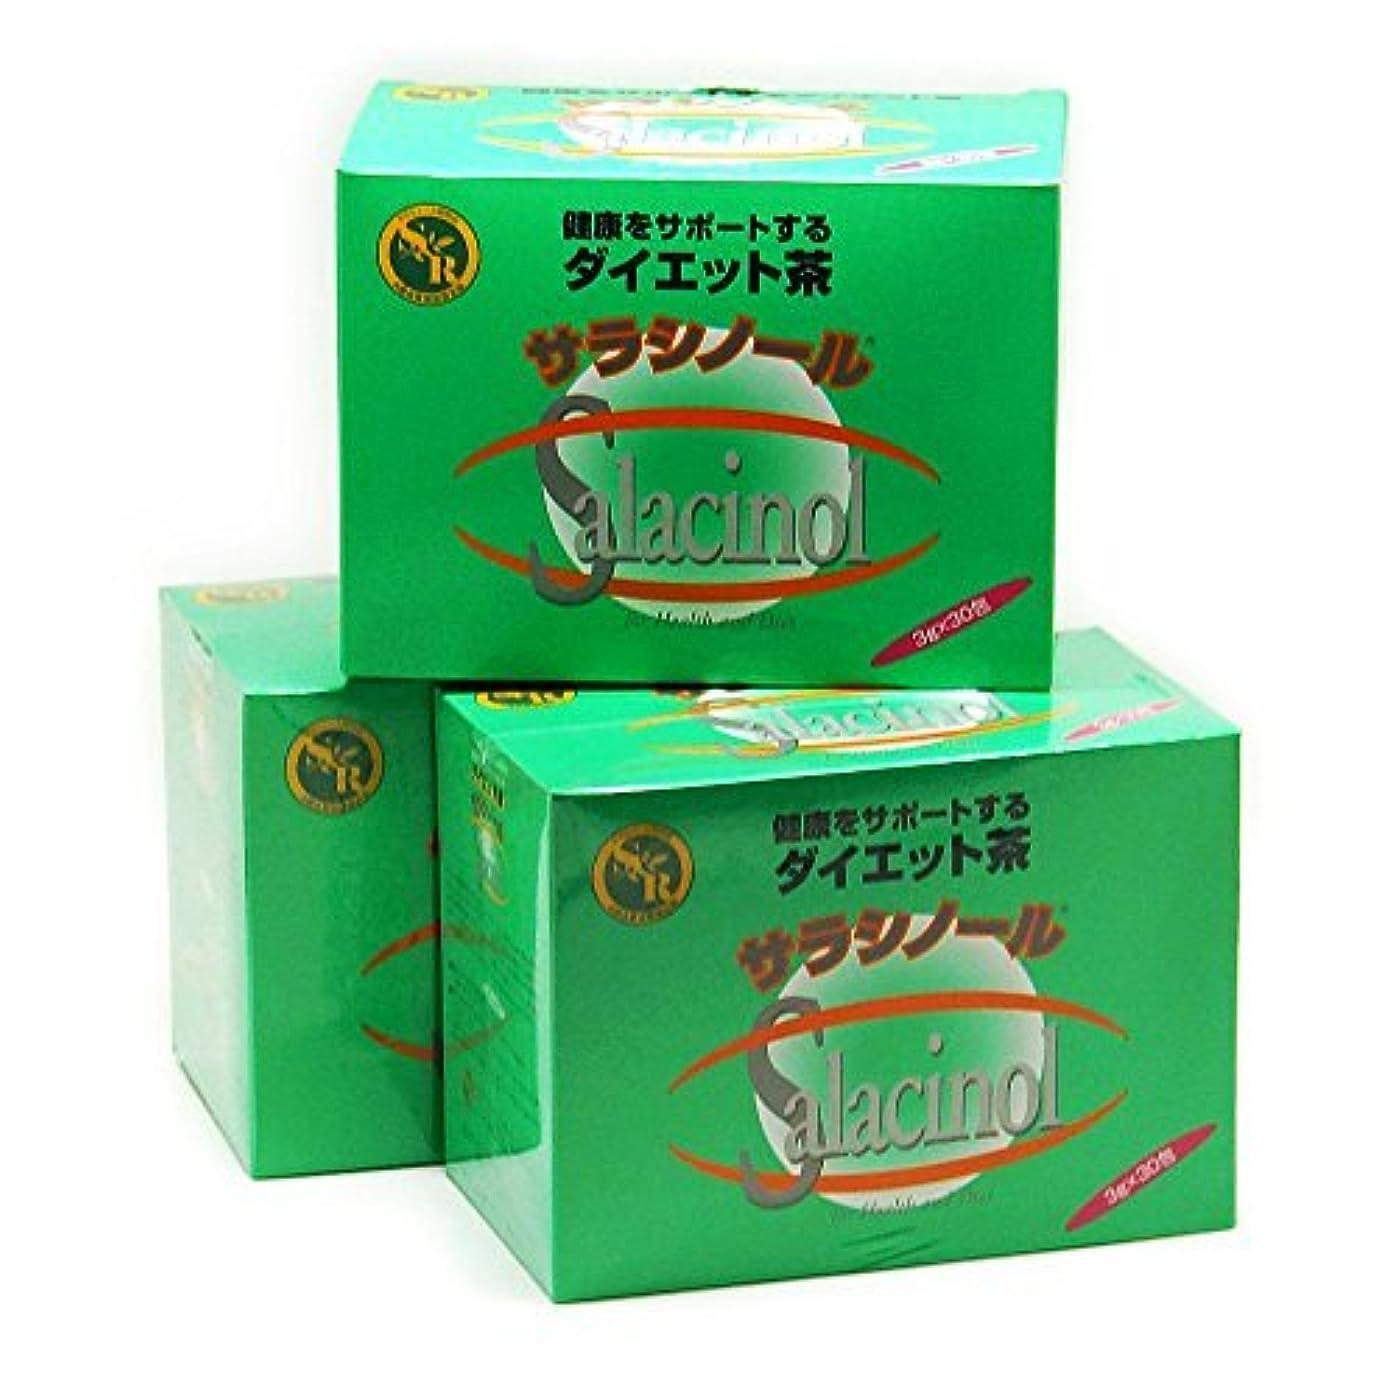 エーカー可聴封建サラシノール茶3g×30包(ティーバック)3箱